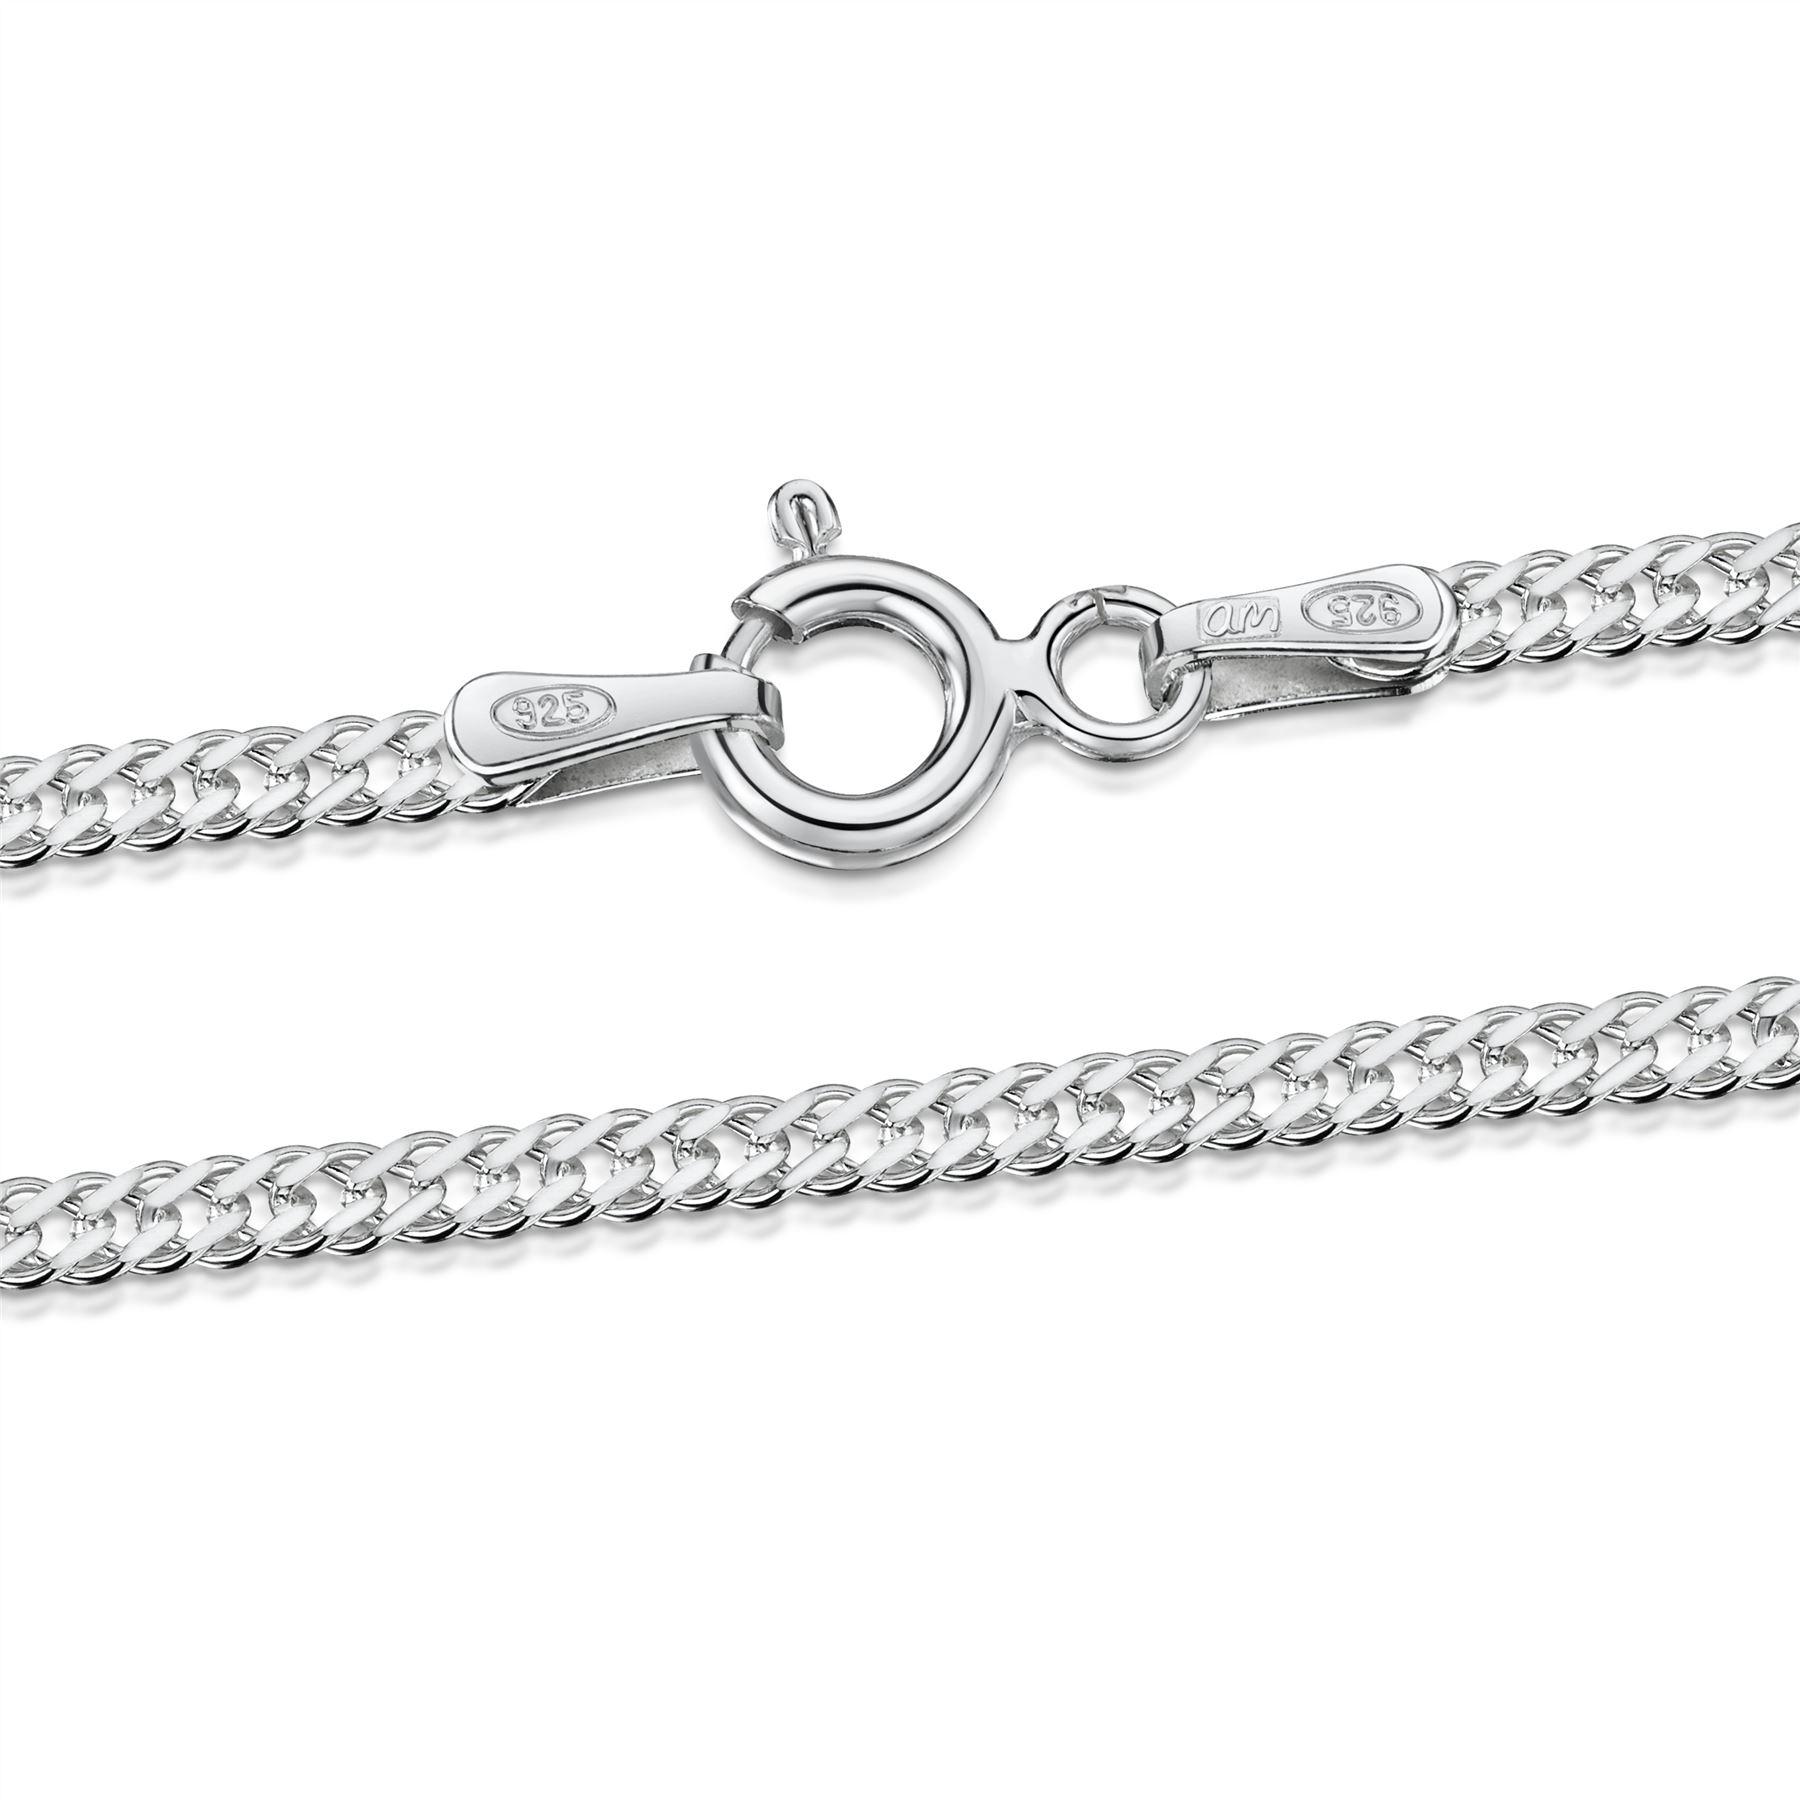 Amberta-Bijoux-Bracelet-en-Vrai-Argent-Sterling-925-Chaine-pour-Femme-a-la-Mode thumbnail 53